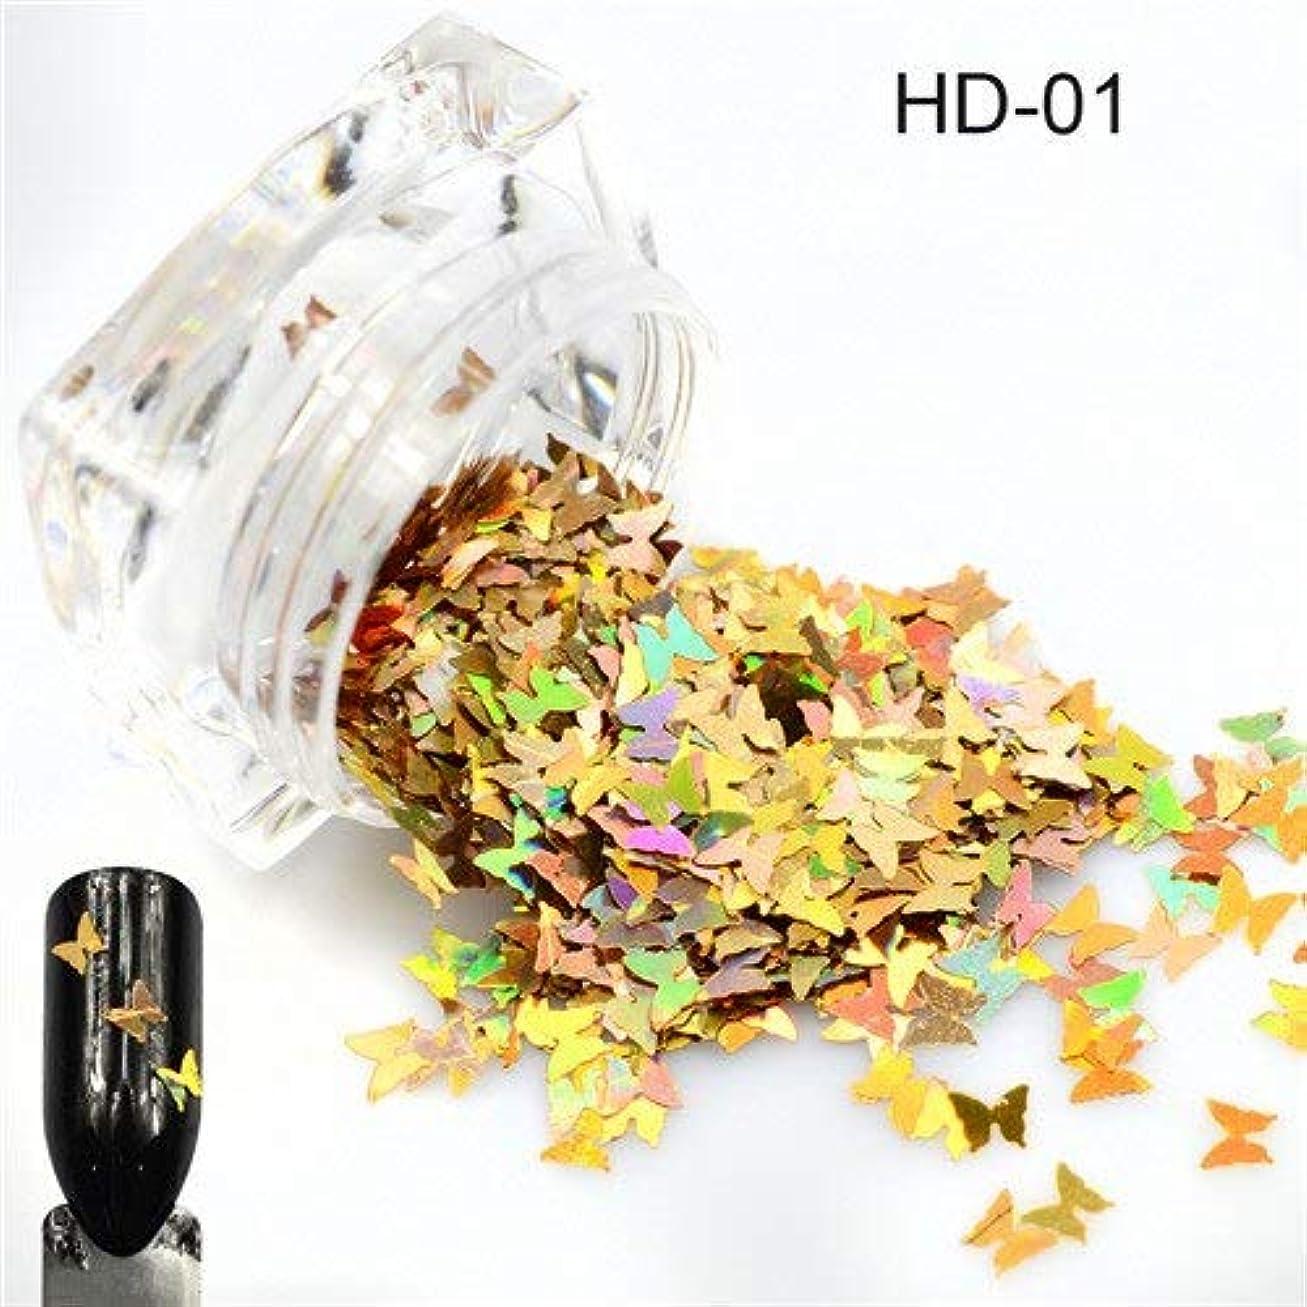 保存する直接金銭的1ピース新しい爪輝く蝶の形ミックス色美容ジェルネイルアートチャームミニpailletteの小型スパンコールの装飾SAHD01-05 HD01